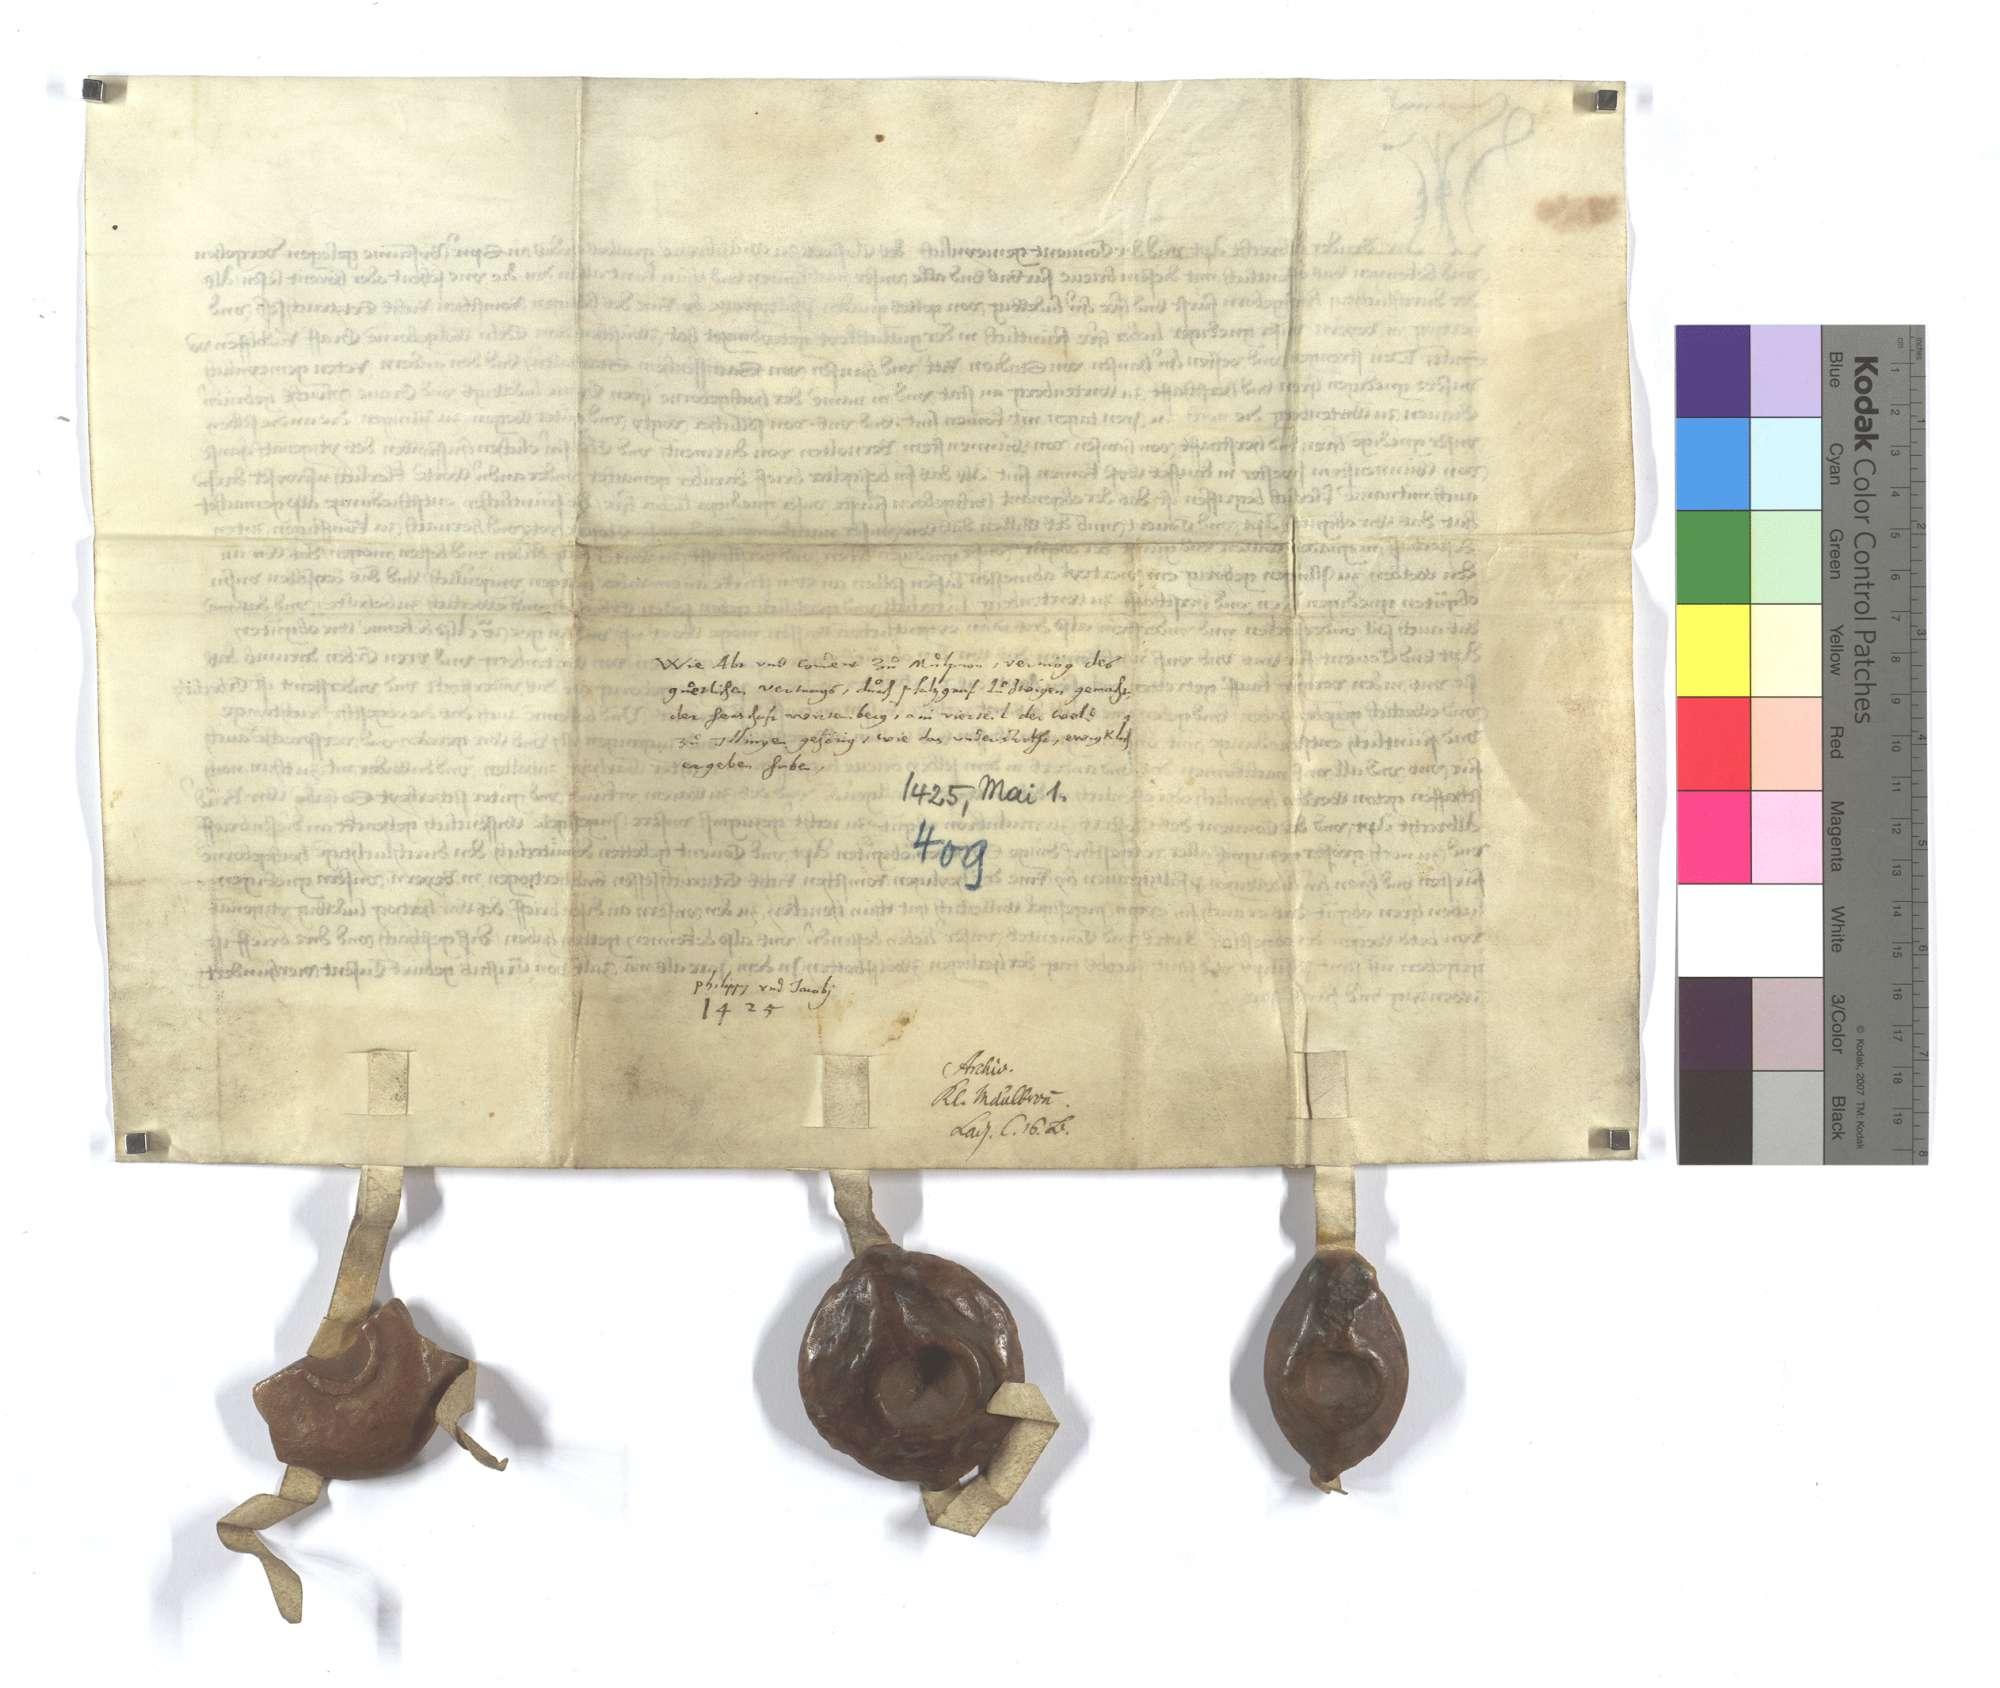 Fertigung Abts und Konvents zu Maulbronn um 1/4 Walds in Illingen, den sie der Herrschaft Württemberg (Wirtemberg) kraft vorstehender Vereinbarung überlassen haben., Rückseite